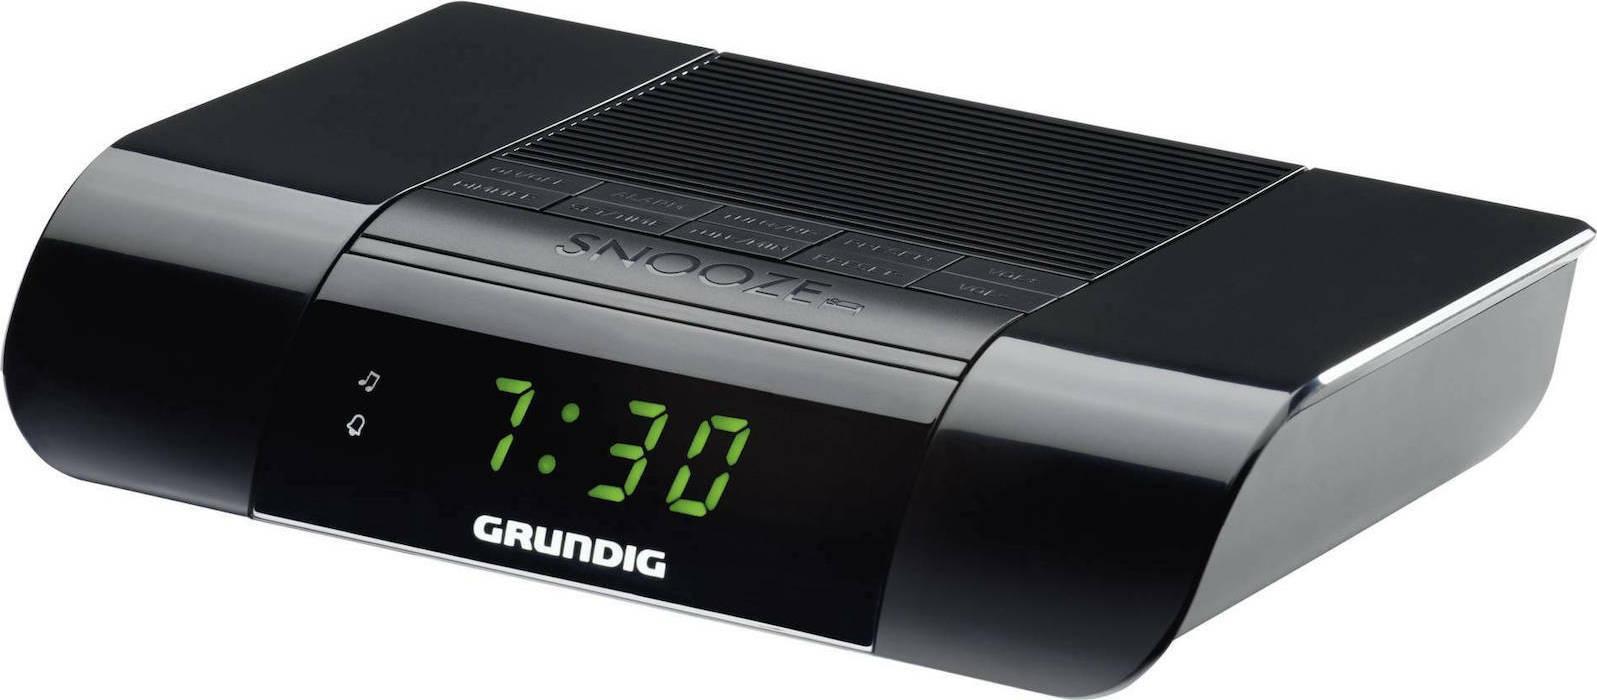 Grundig KSC 35 black   GKR3130 - Πληρωμή και σε έως 6 δόσεις